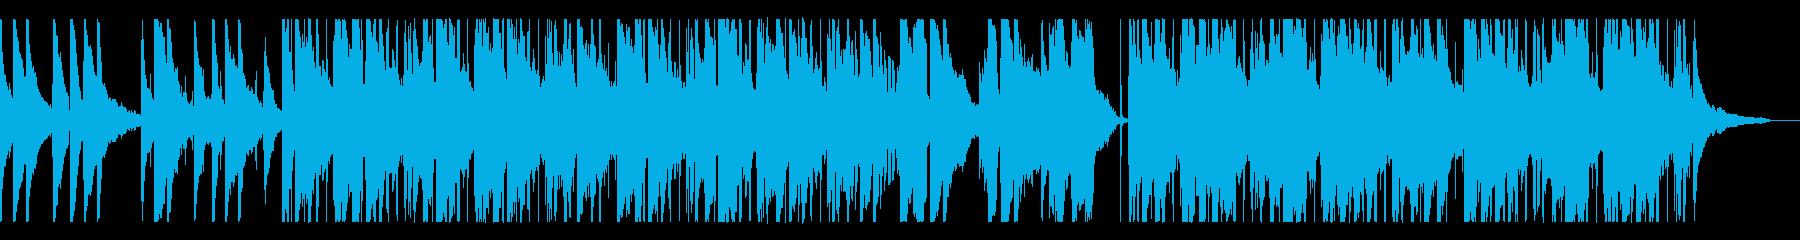 ローファイヒップホップ/まったりした夜にの再生済みの波形